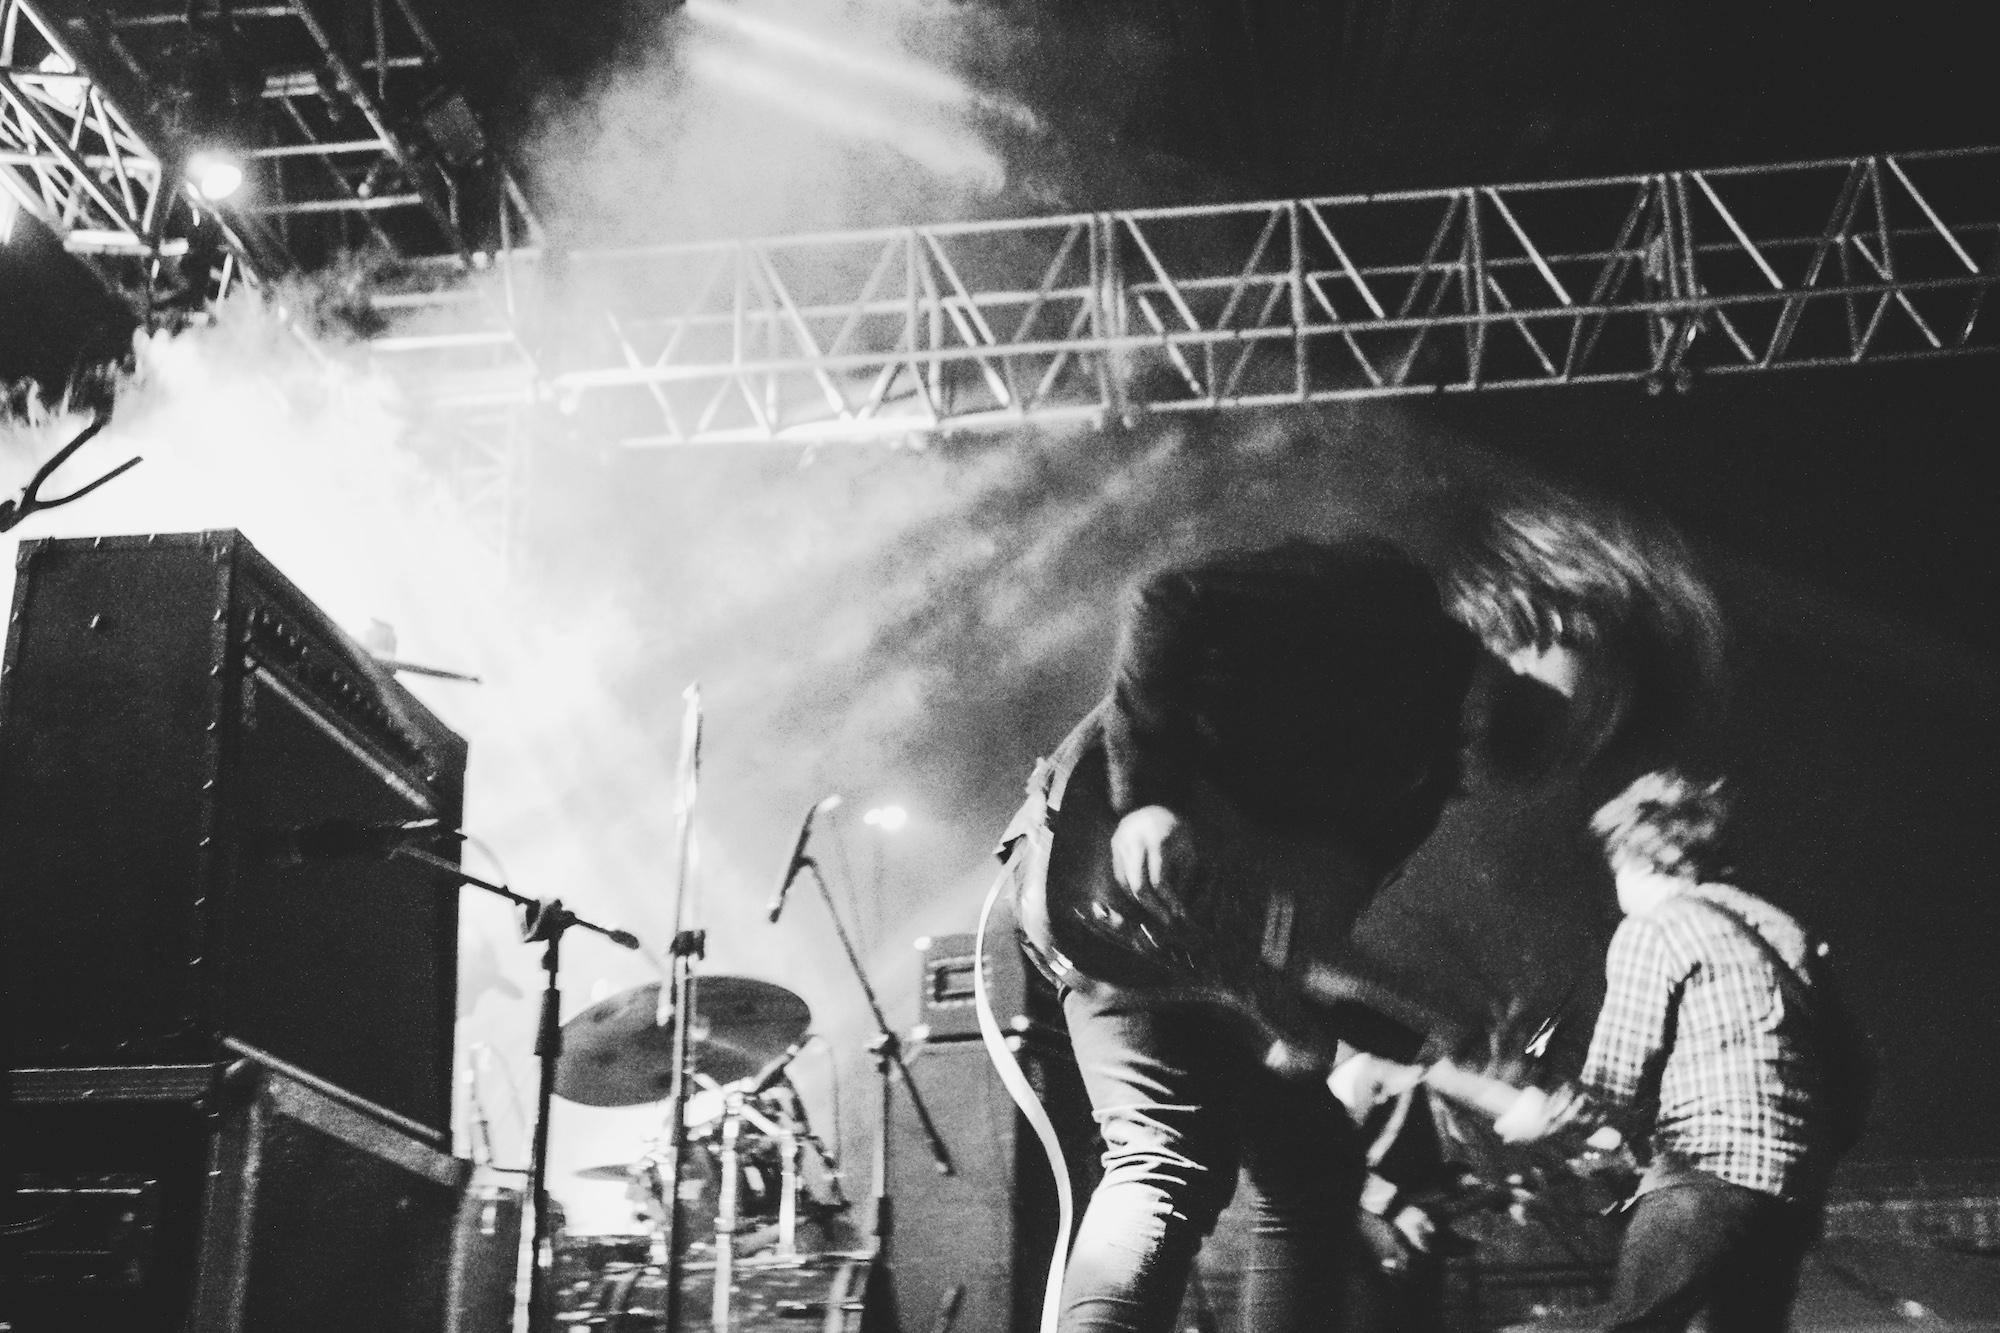 LeRockPsicophonique abre su primera convocatoria a bandas y proyectos nuevos de perfil experimental